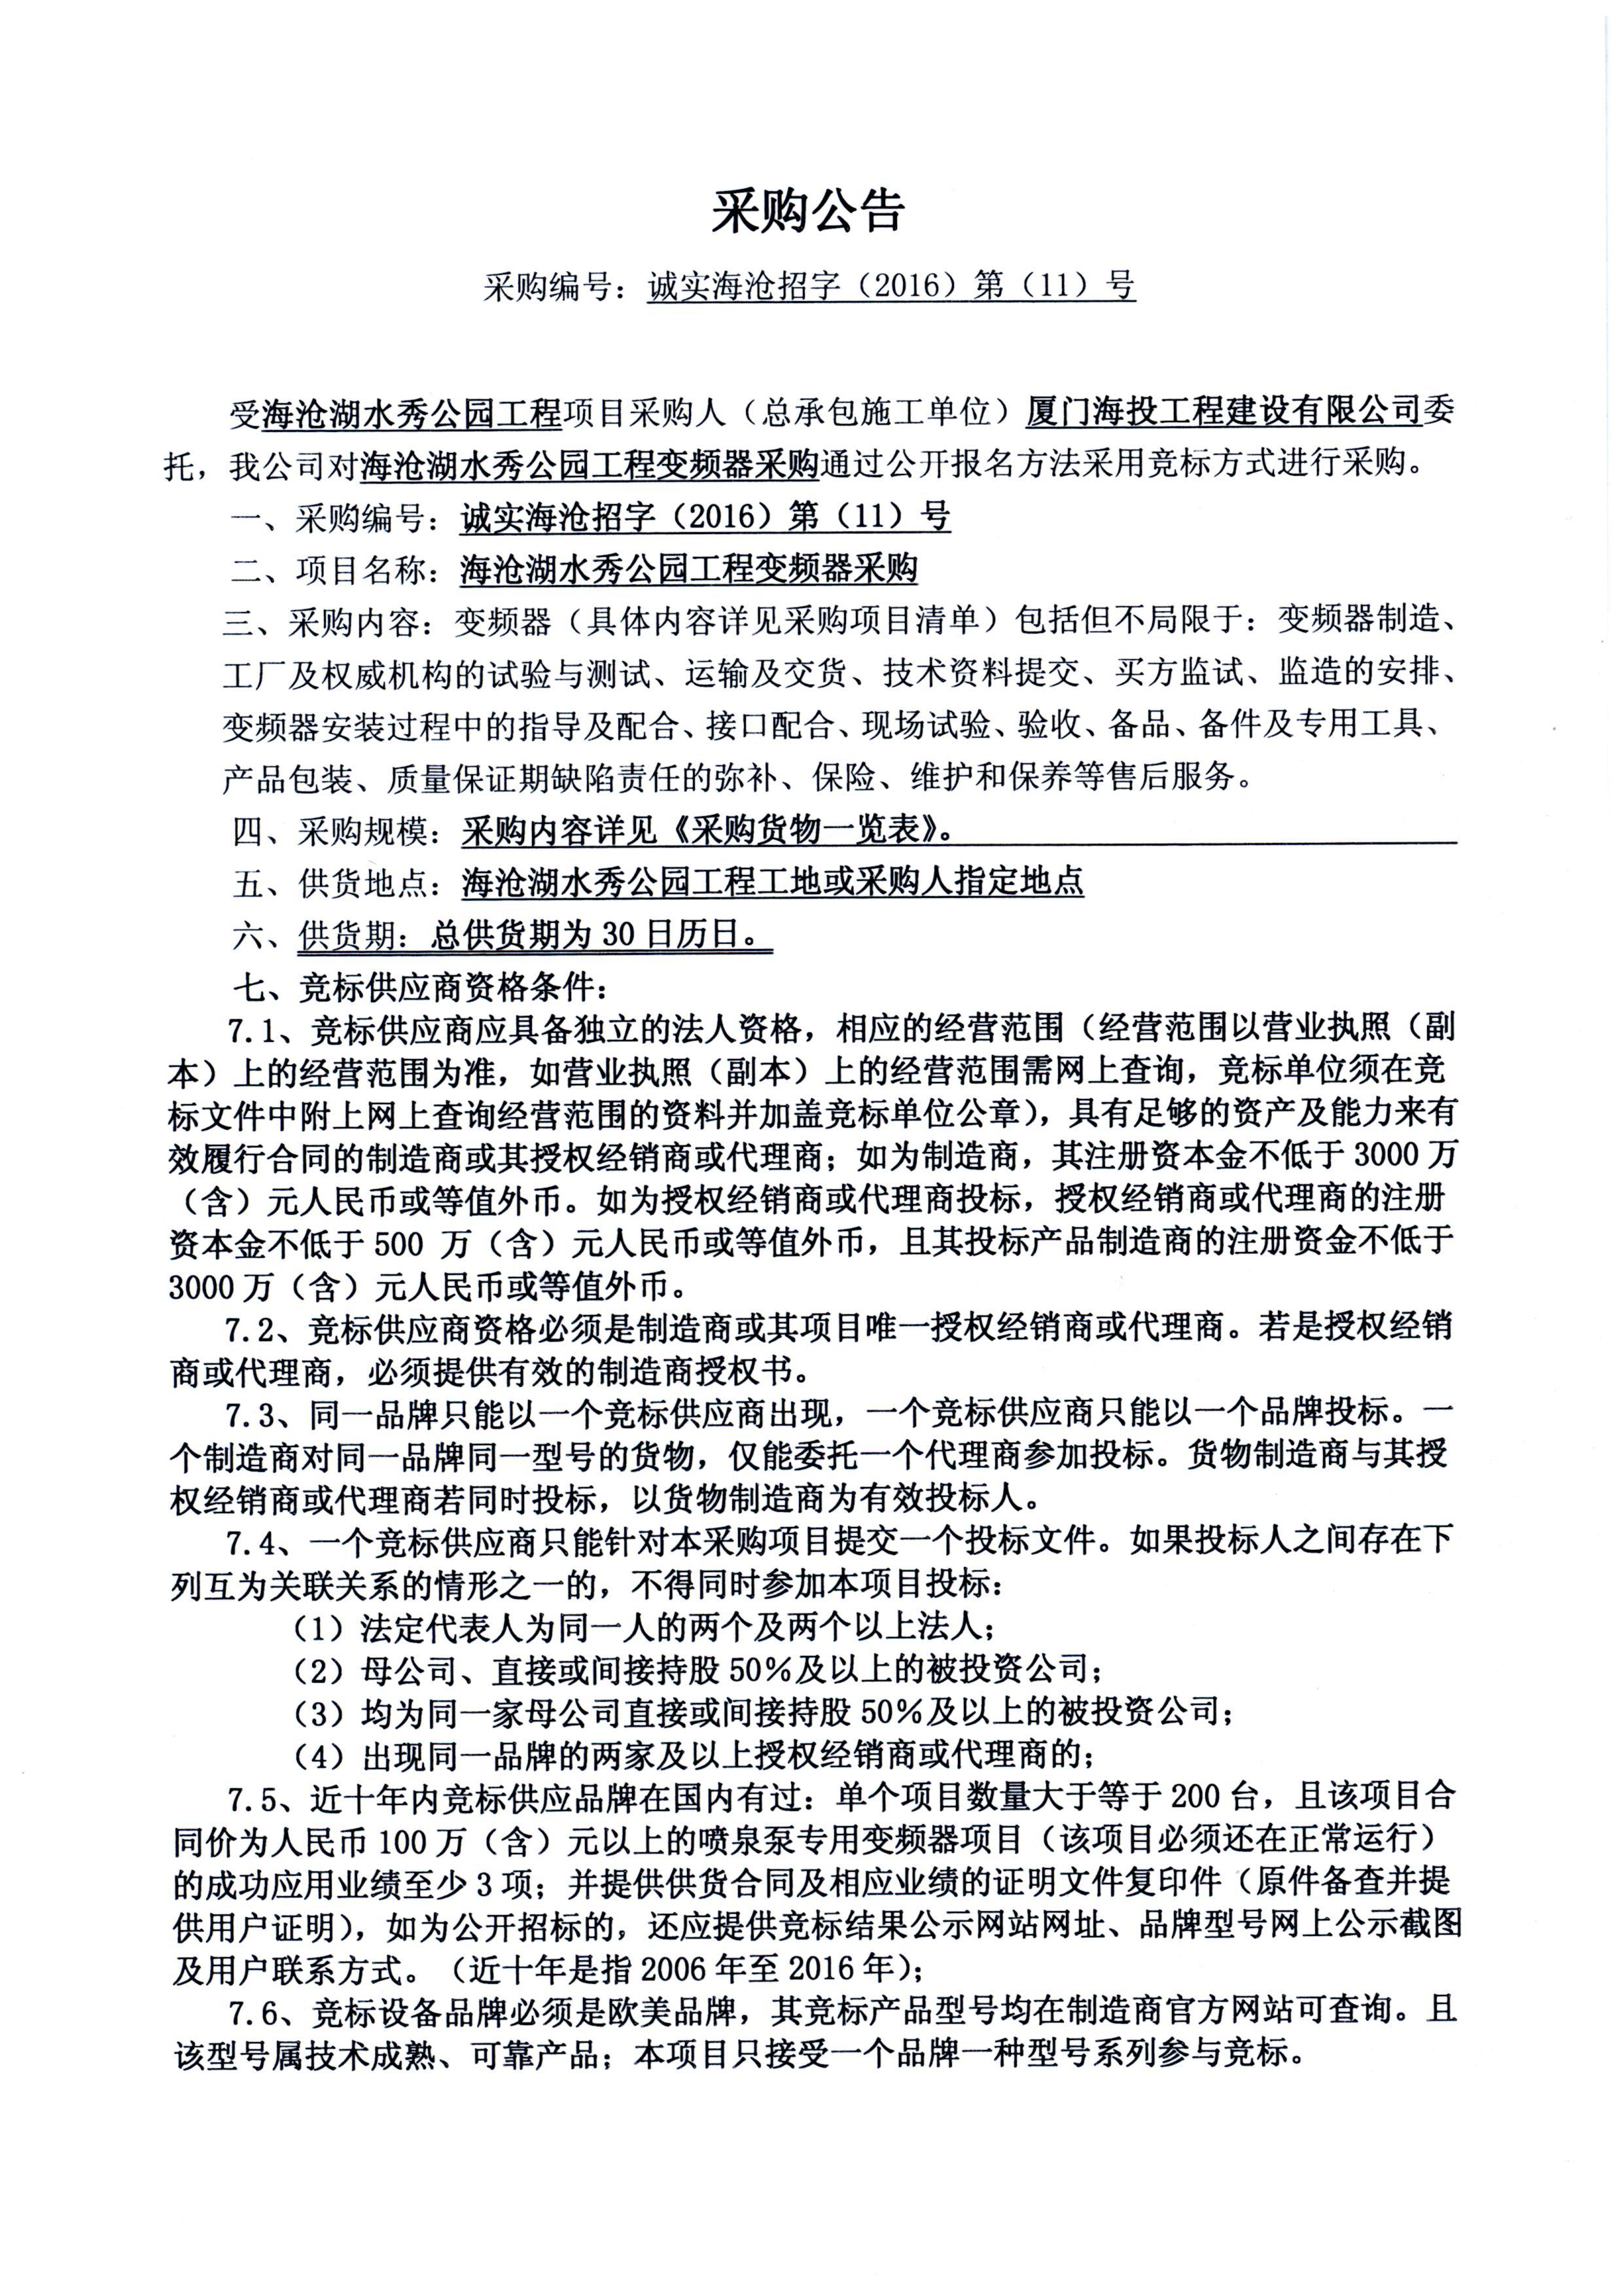 海沧湖水秀公园工程变频器采购公告1.jpg